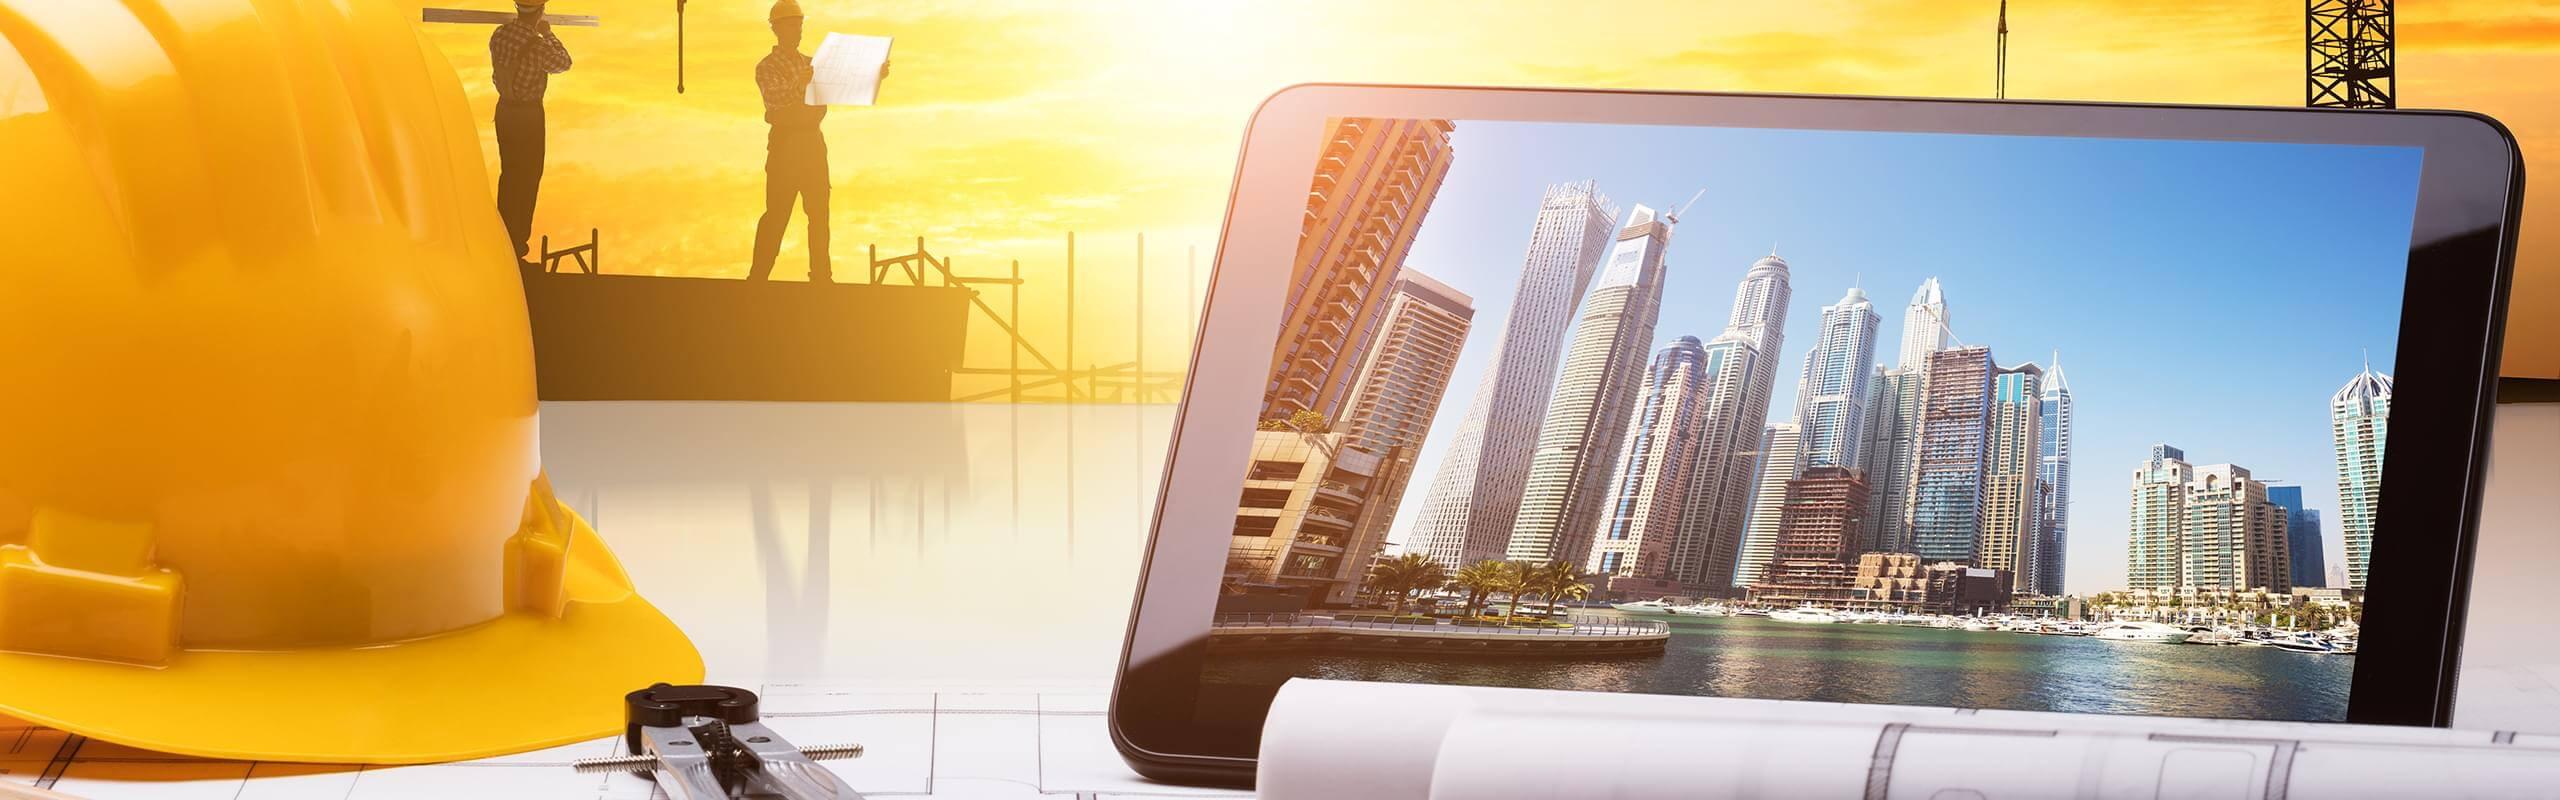 יישומי תקשורת ובקרה בפרויקטי בנייה, תשתיות ותשתיות אנרגיה